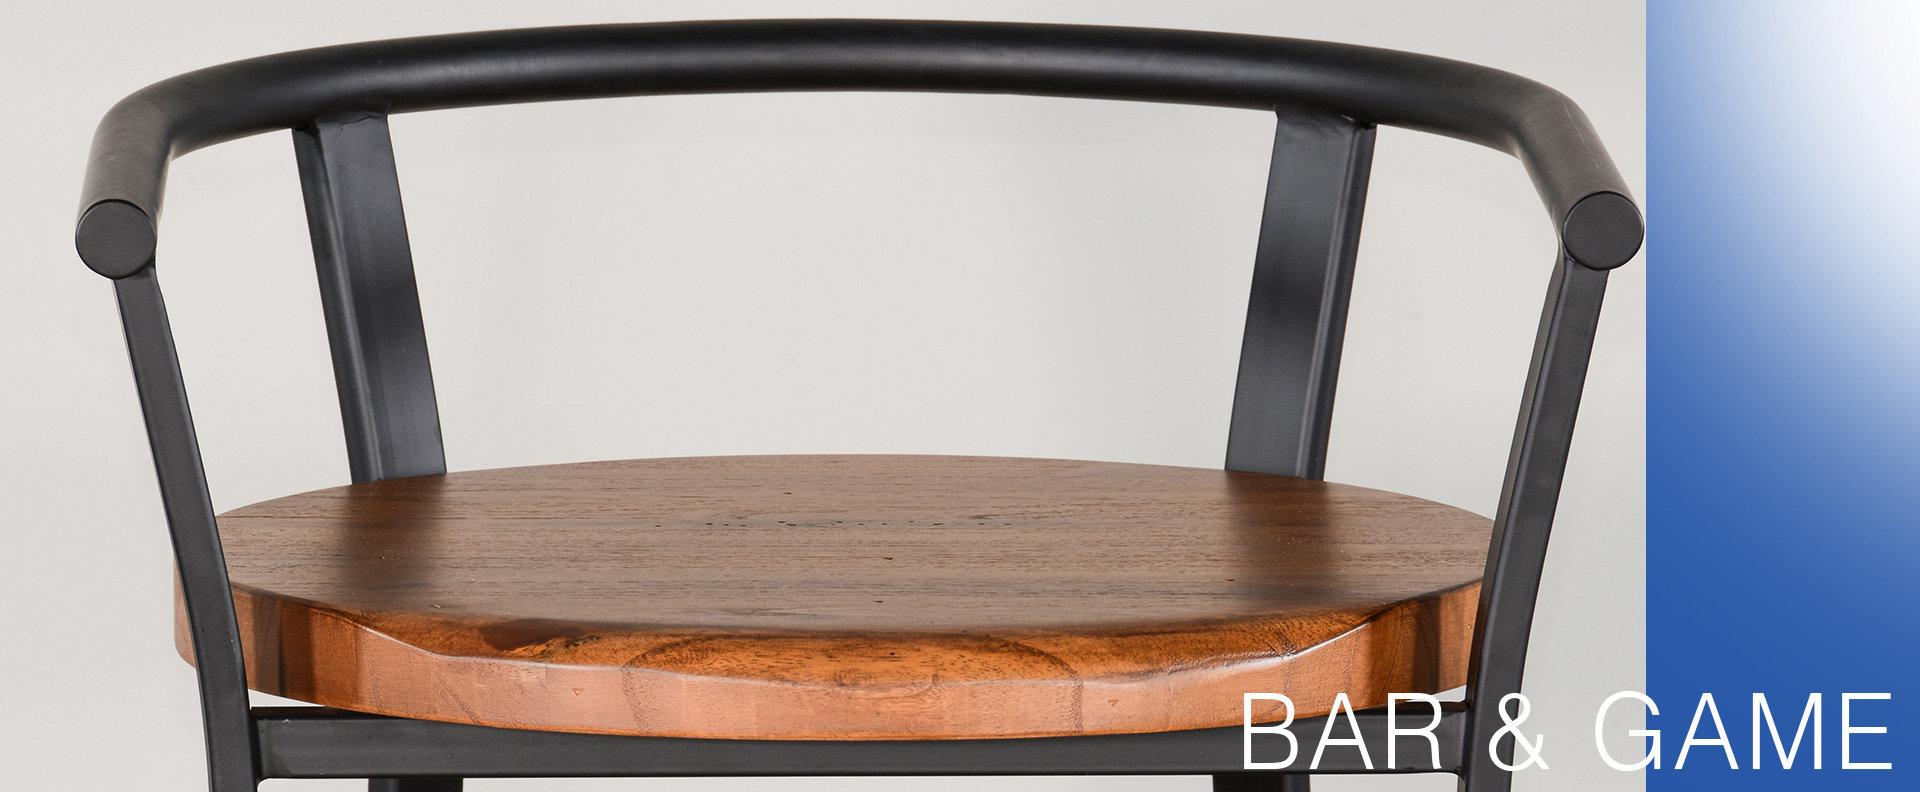 1621RO-30 B&G SL2